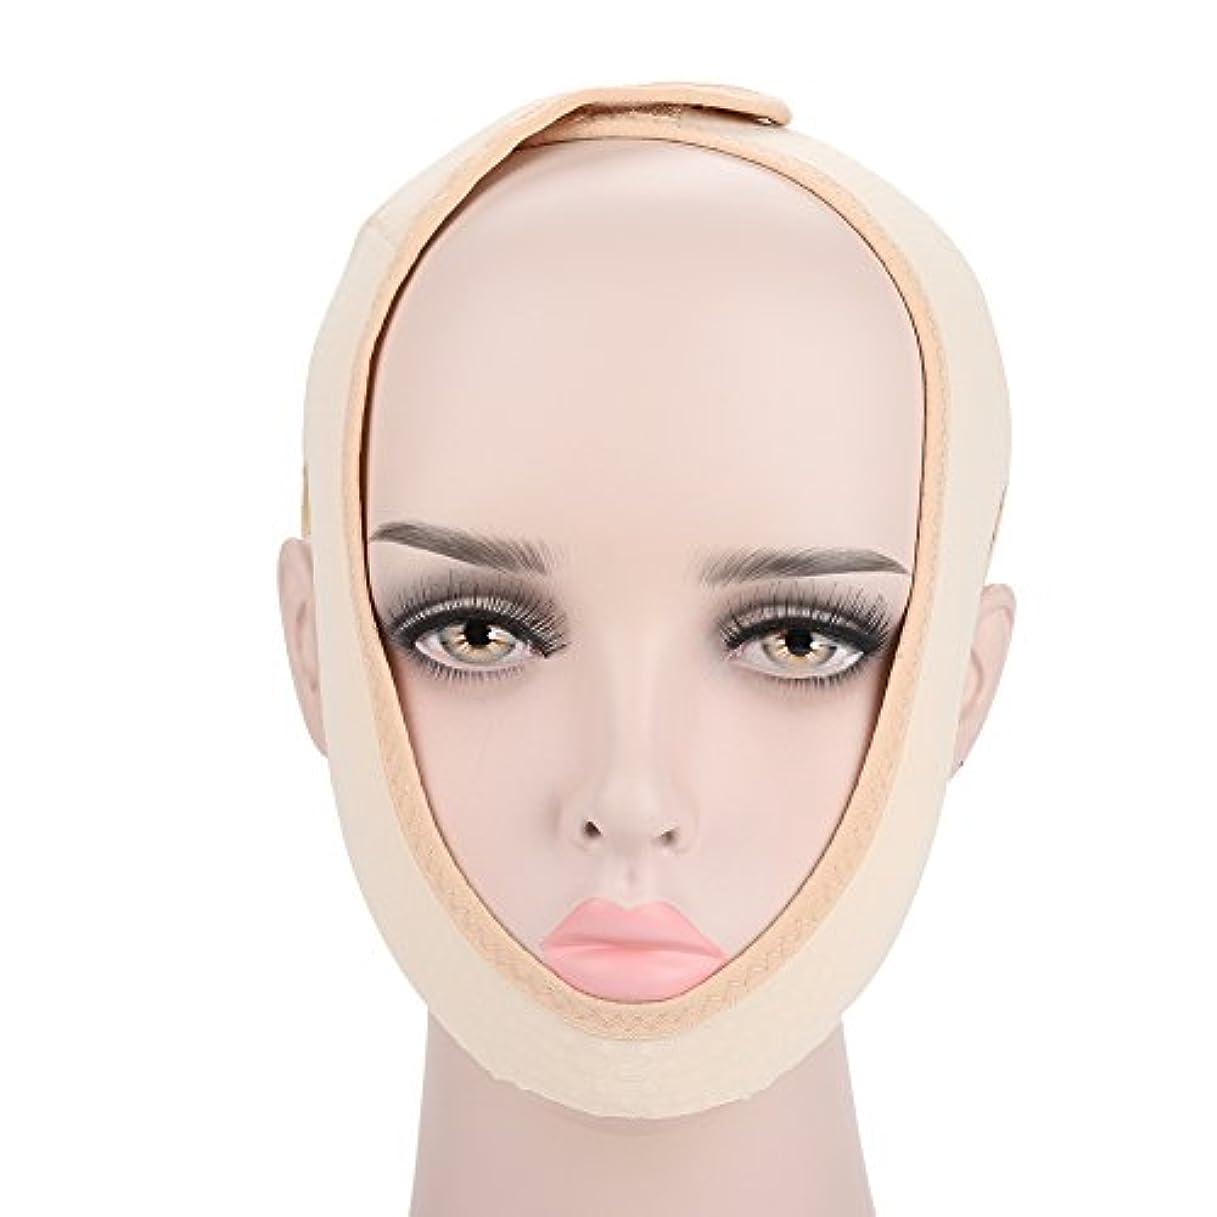 サイレン降伏未知の顔の輪郭を改善するための顔の痩身マスク、通気性と伸縮性、二重あごを和らげ、顔の手術とリハビリ